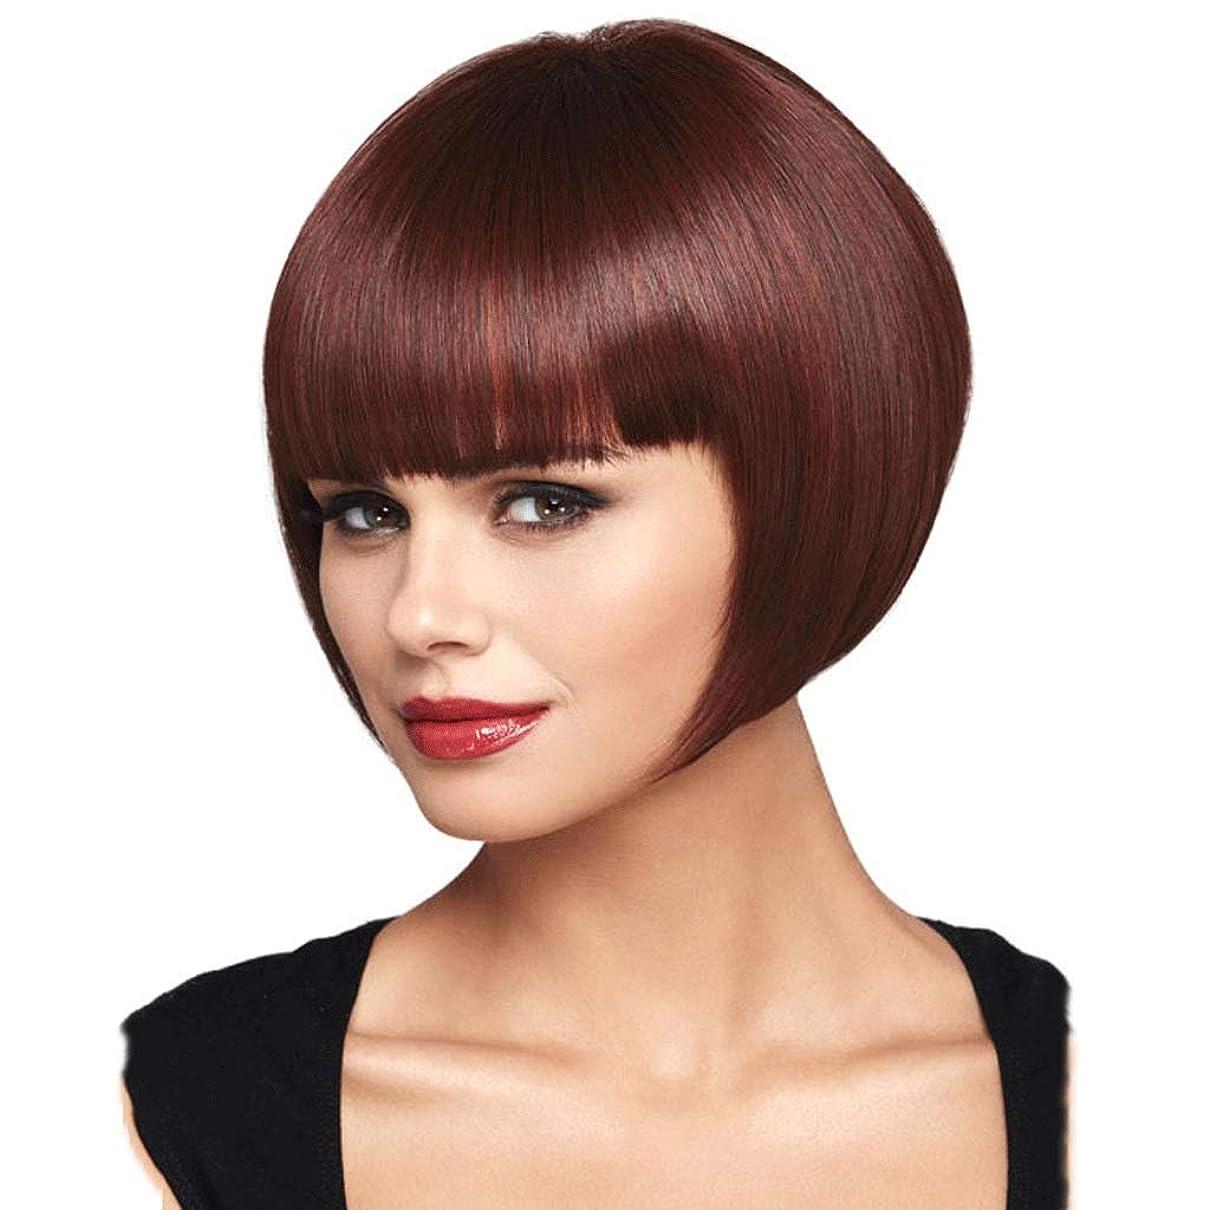 シーボード寛大な無効にする女性ワインレッドショートストレートボブウィッグ、リアルヘアコスプレウィッグとしてナチュラル前髪ボブウィッグ (色 : ワインレッド)